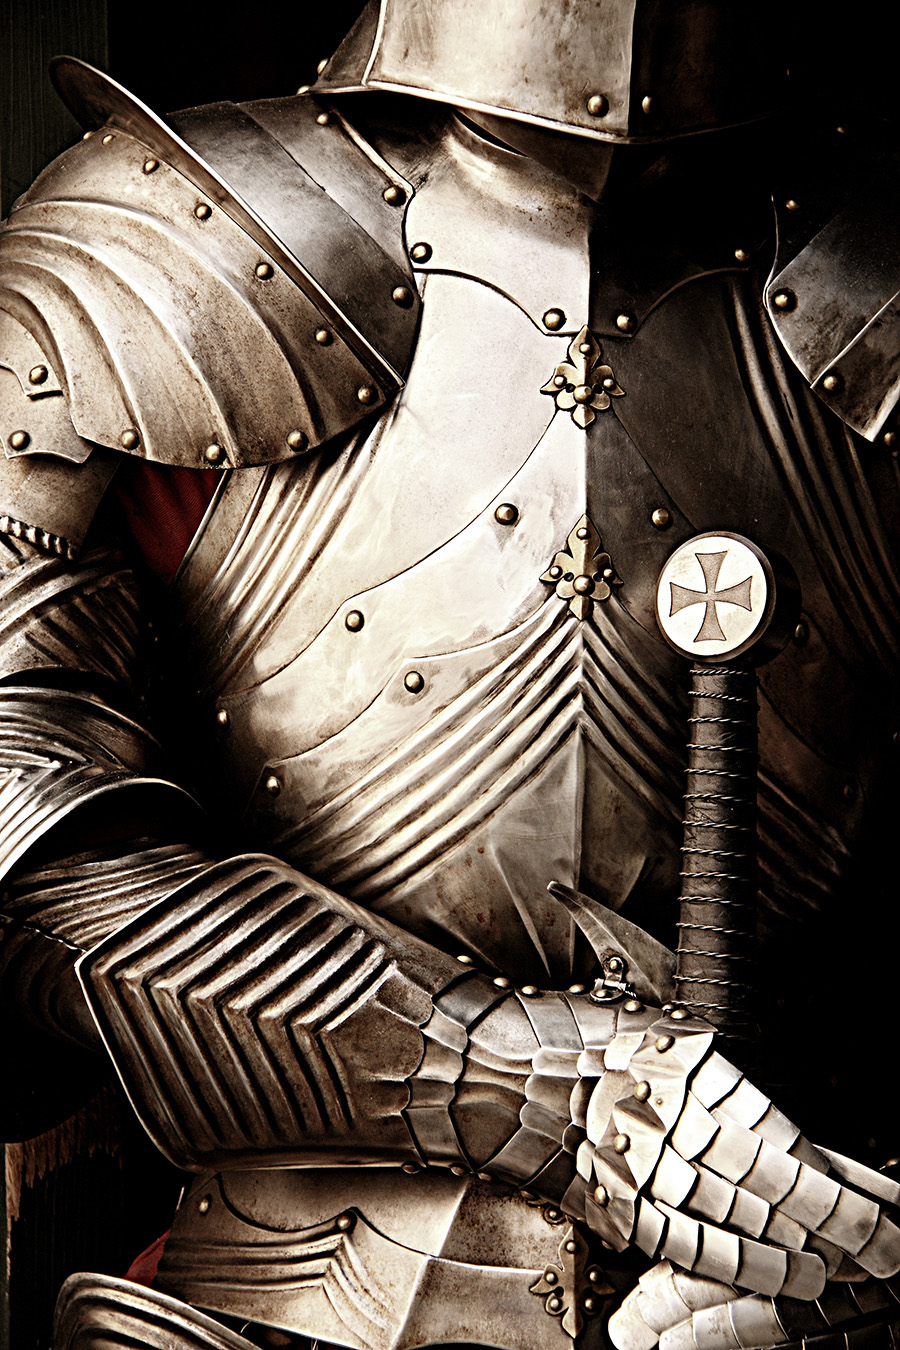 knight2_sm.jpg